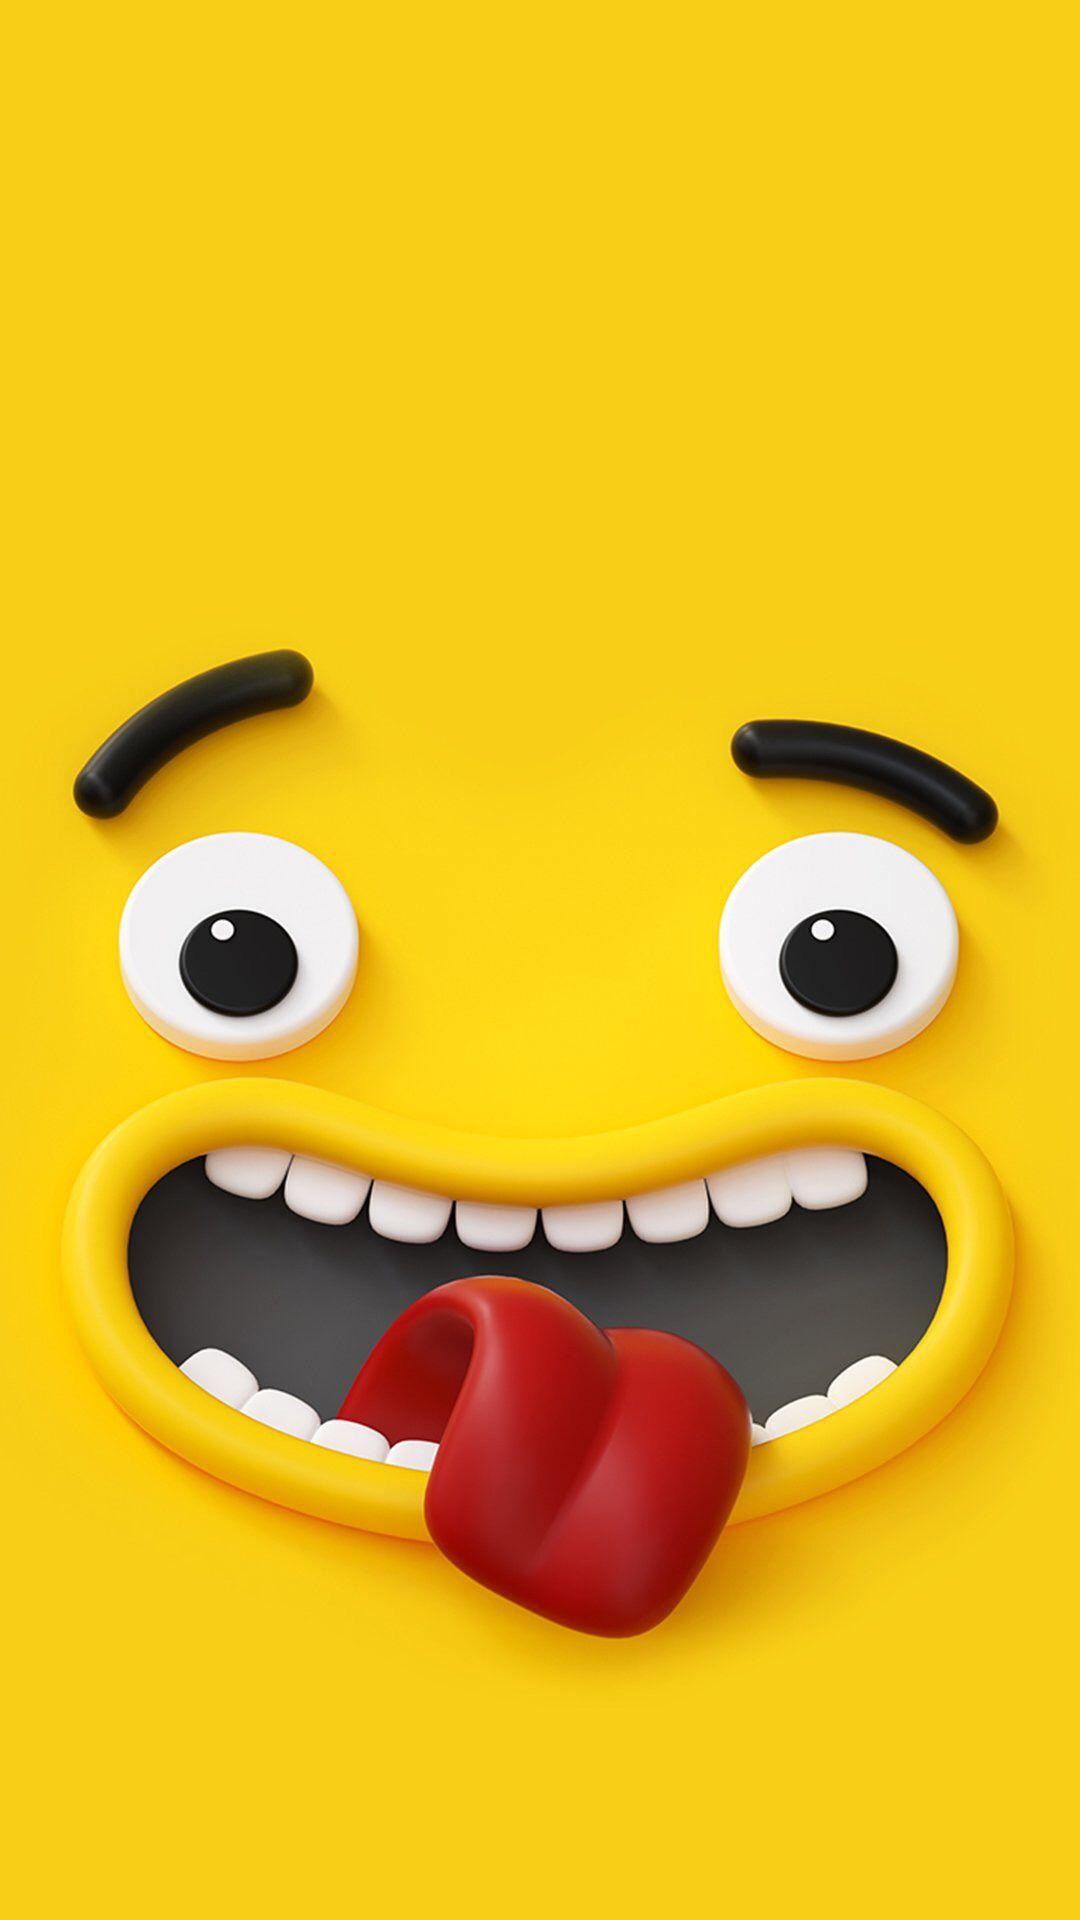 Pin Oleh Dhela Ica Di Wallpapers Wallpaper Ponsel Lucu Wallpaper Emoji Wallpaper Android